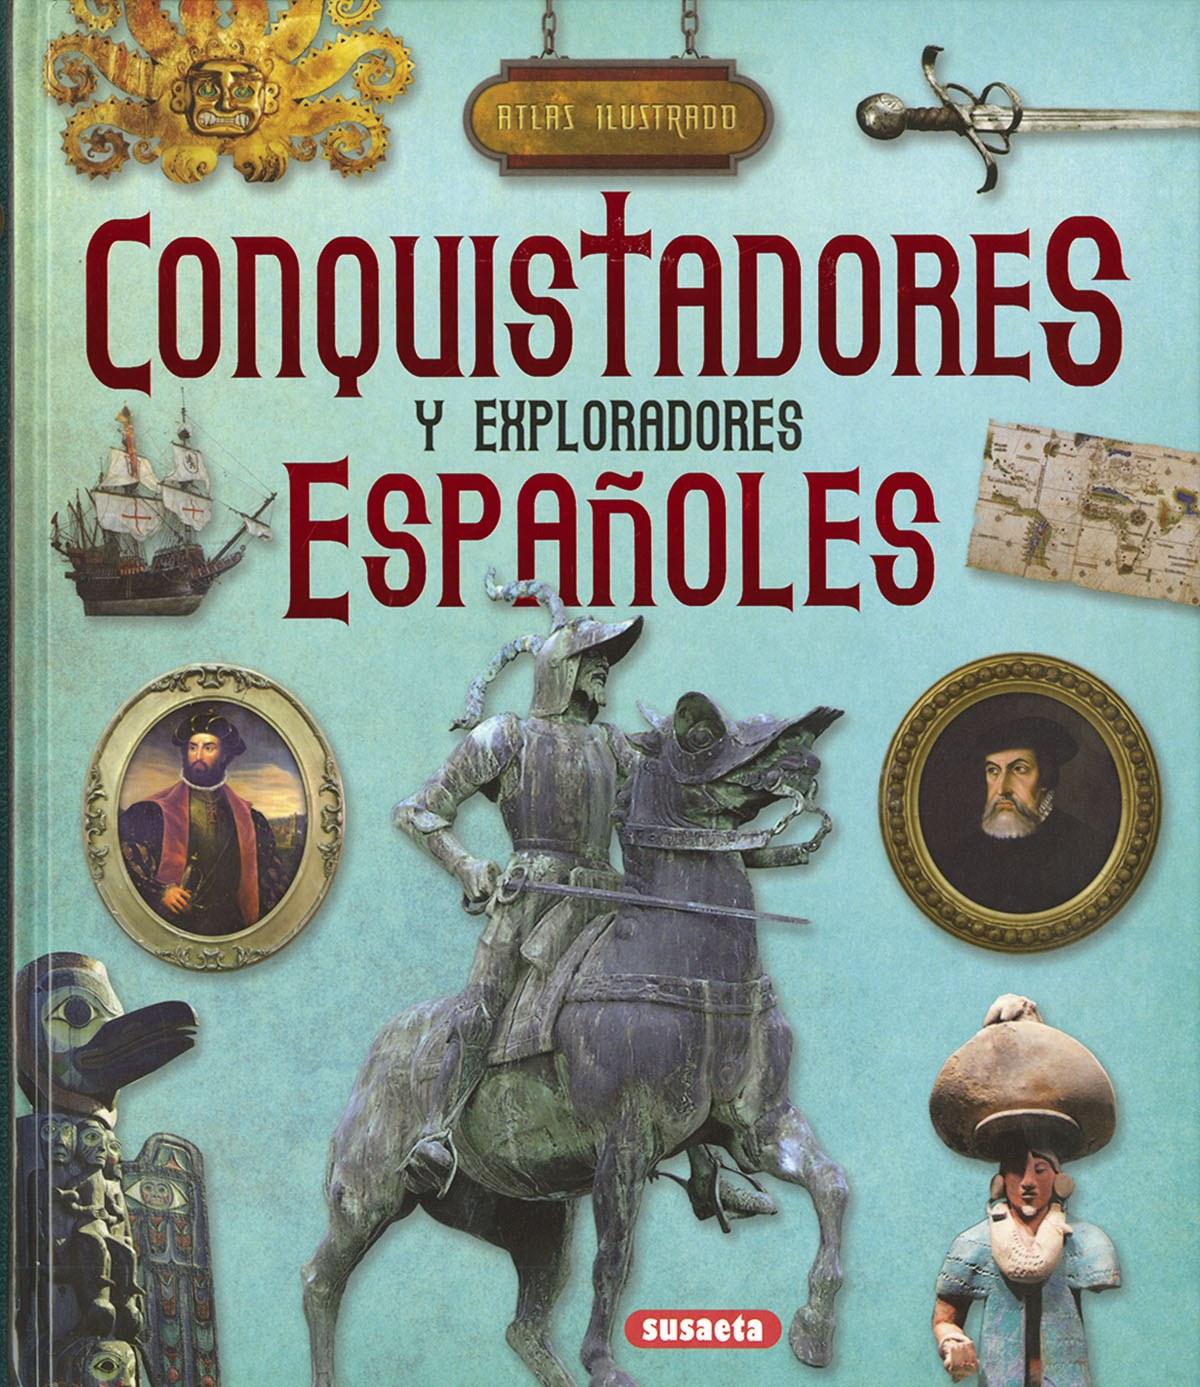 CONQUISTADORES Y EXPLORADORES ESPAñOLES 9788467768510